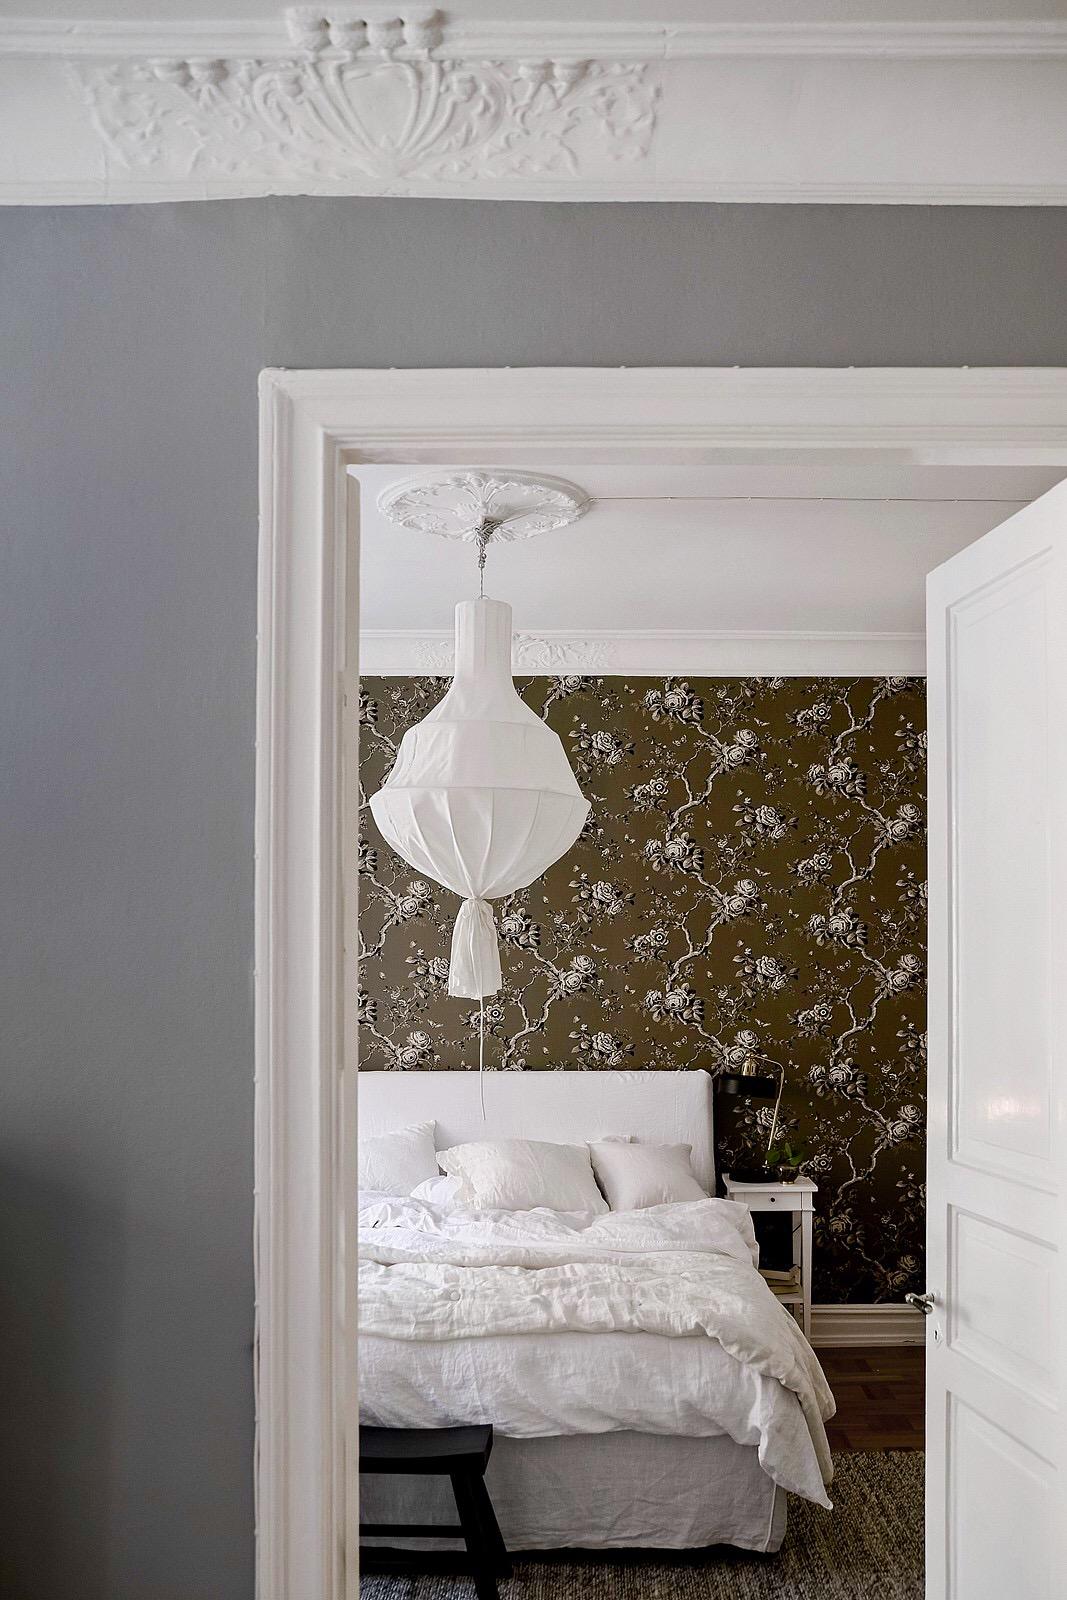 проем наличники дверь спальня потолочный карниз лампа лепнина